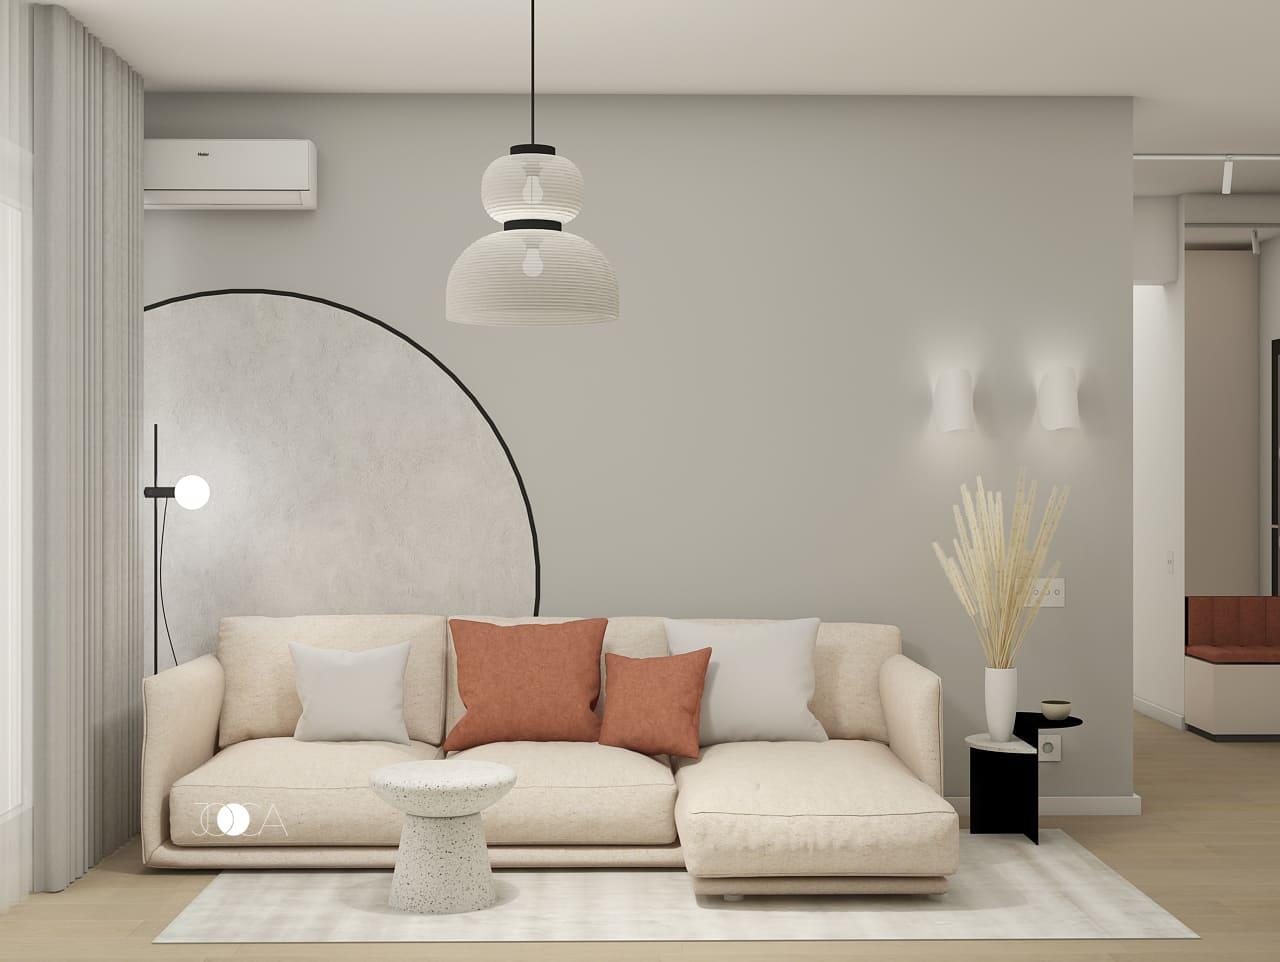 Amenajarea livingului in stilul Memphis, prin introducerea elementelor cu forme rotunjite.